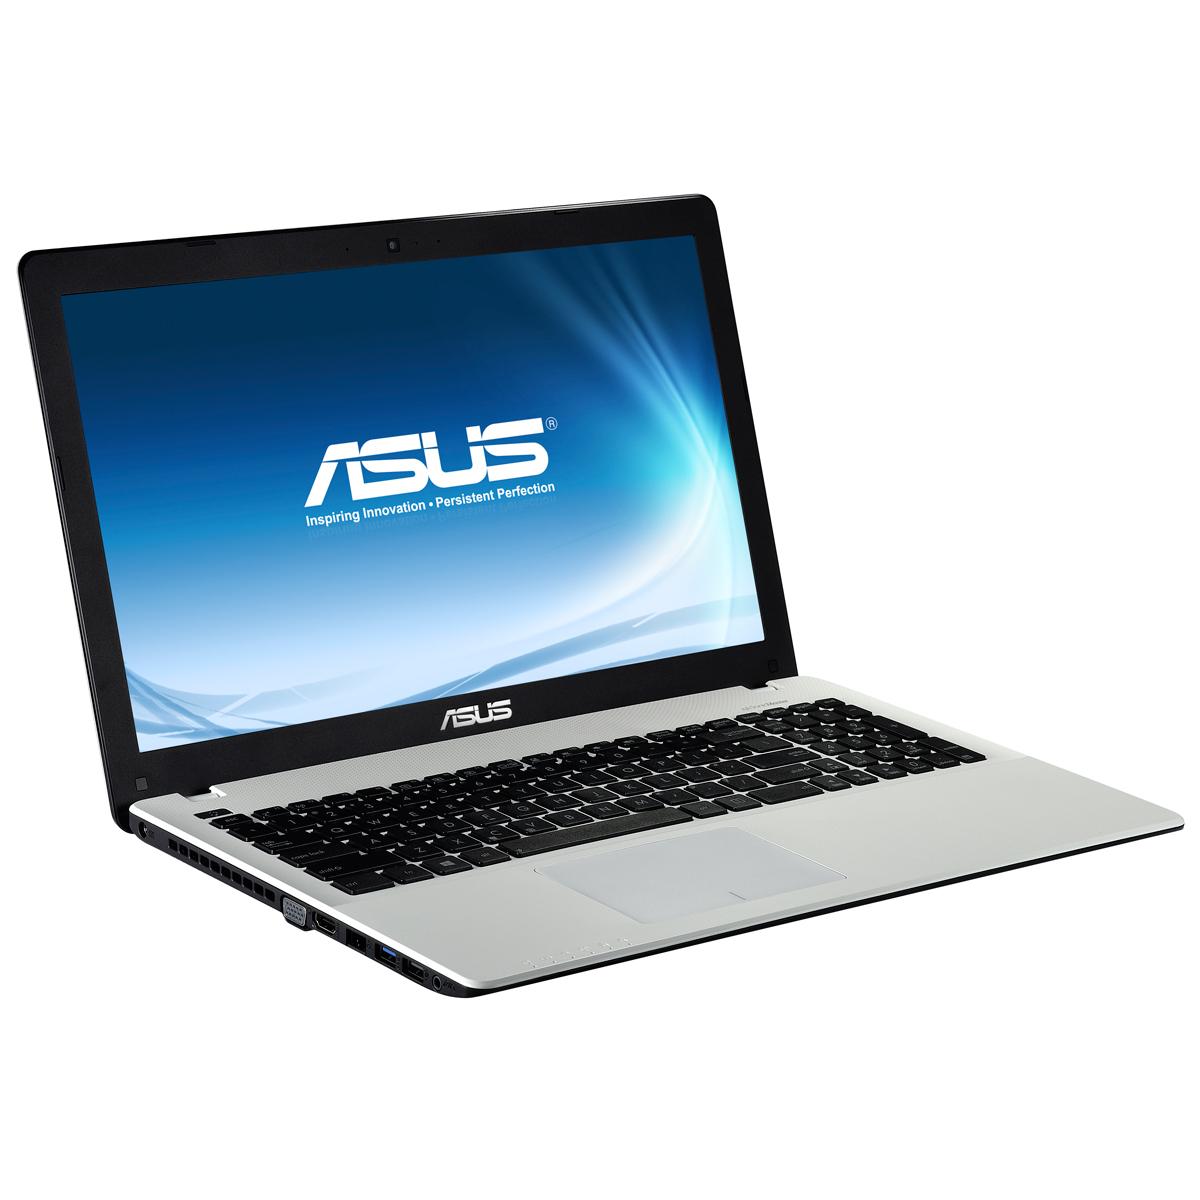 """PC portable ASUS R510CC-XX577H Blanc Intel Core i5-3337U 4 Go 1 To 15.6"""" LED NVIDIA GeForce GT 720M Graveur DVD Wi-Fi N Webcam Windows 8 64 bits (garantie constructeur 1 an)"""